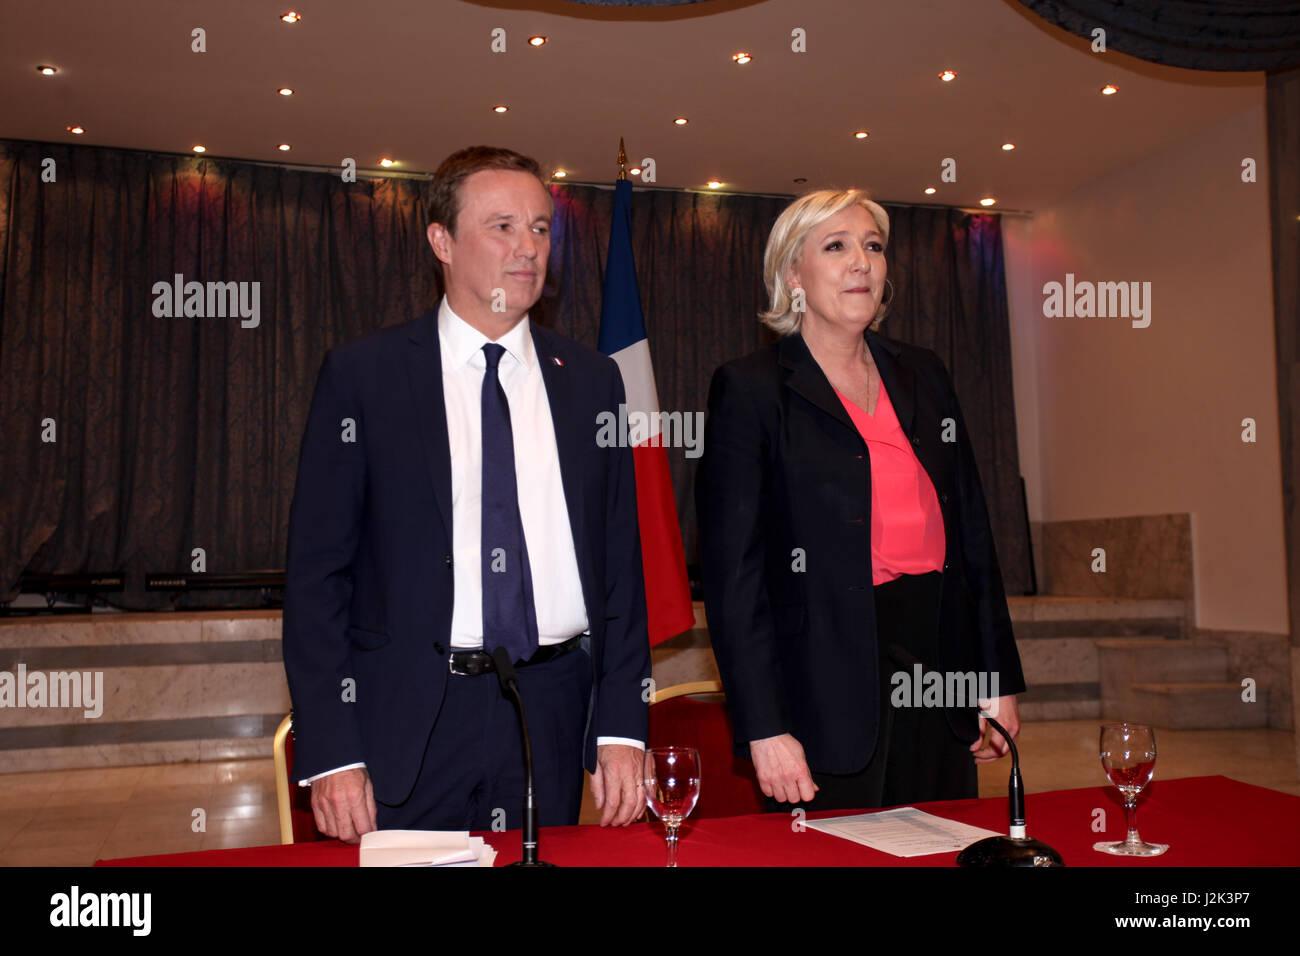 ... et Nicolas Dupont-Aignanmarine le Pen a annoncé samedi qu il allait  nommer le premier ministre souverainiste Nicolas Dupont-Aignan en cas de  victoire ... 6cf70651791